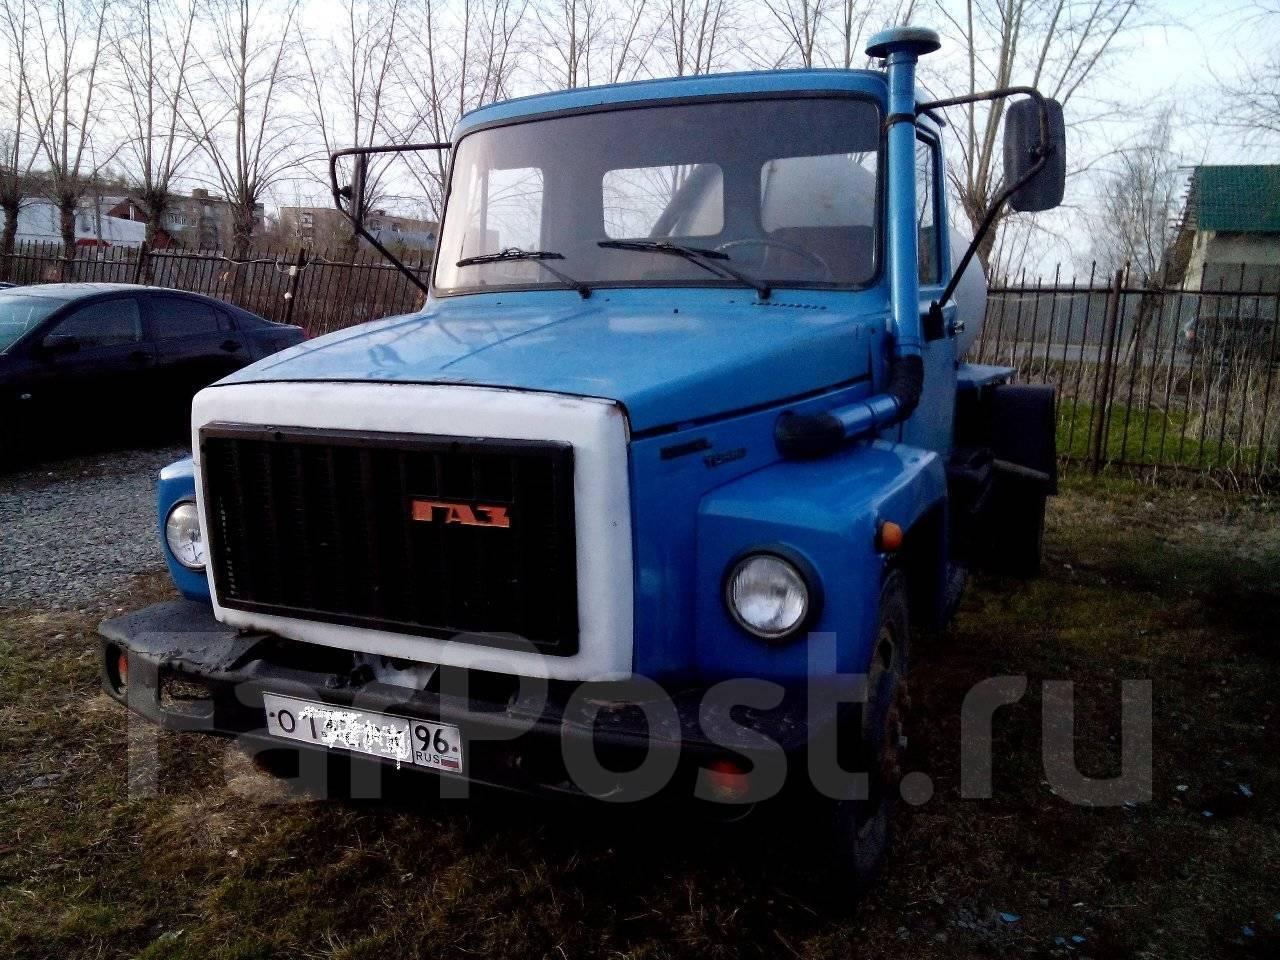 Купить асенизаторскую машину в хабаровском крае